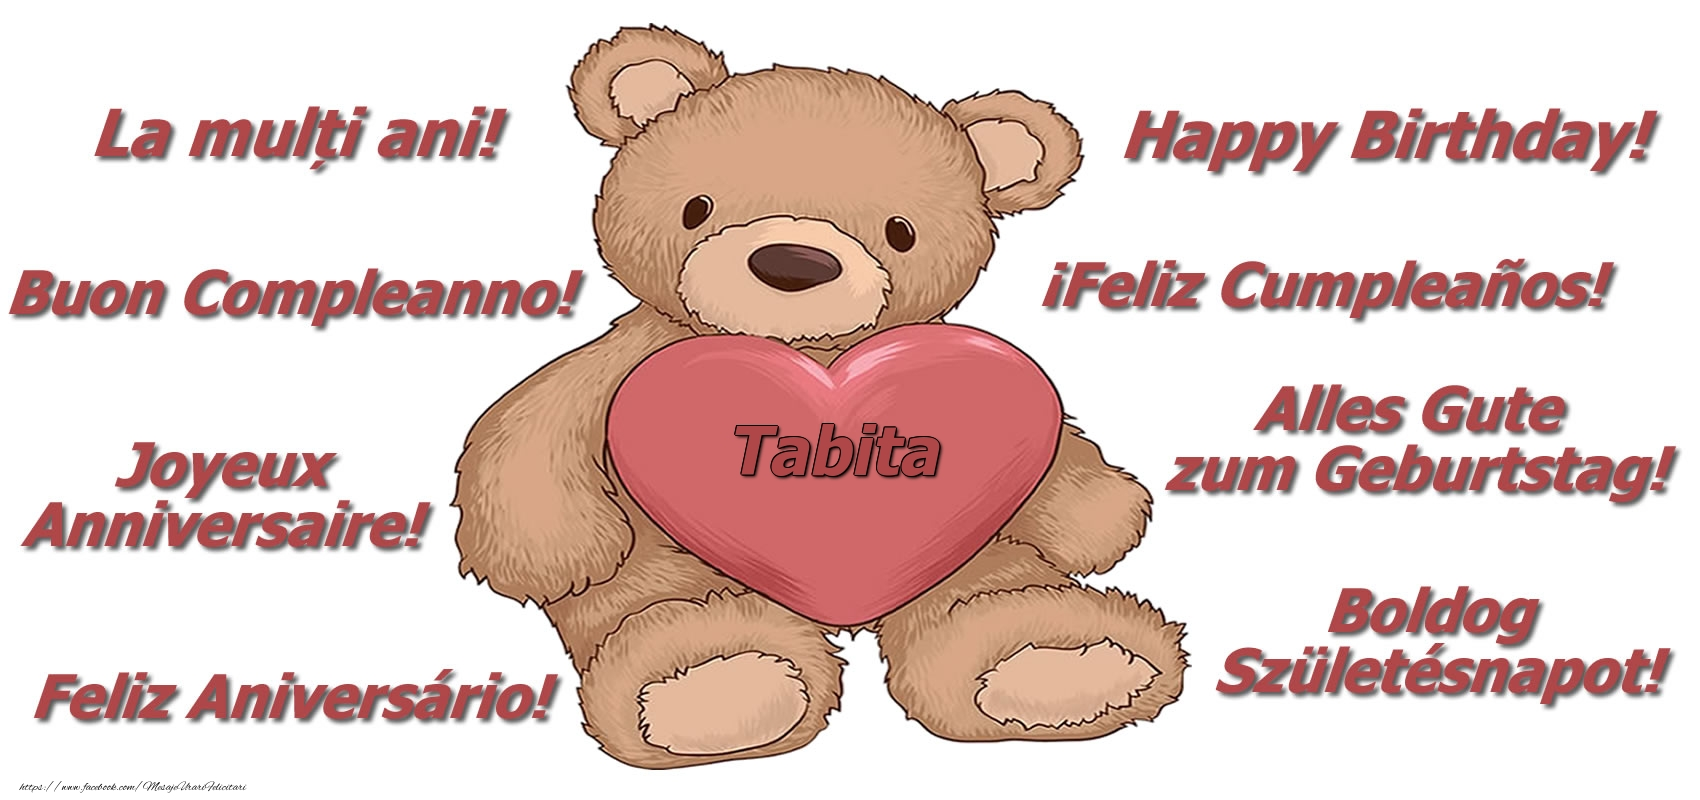 Felicitari de zi de nastere - La multi ani Tabita! - Ursulet